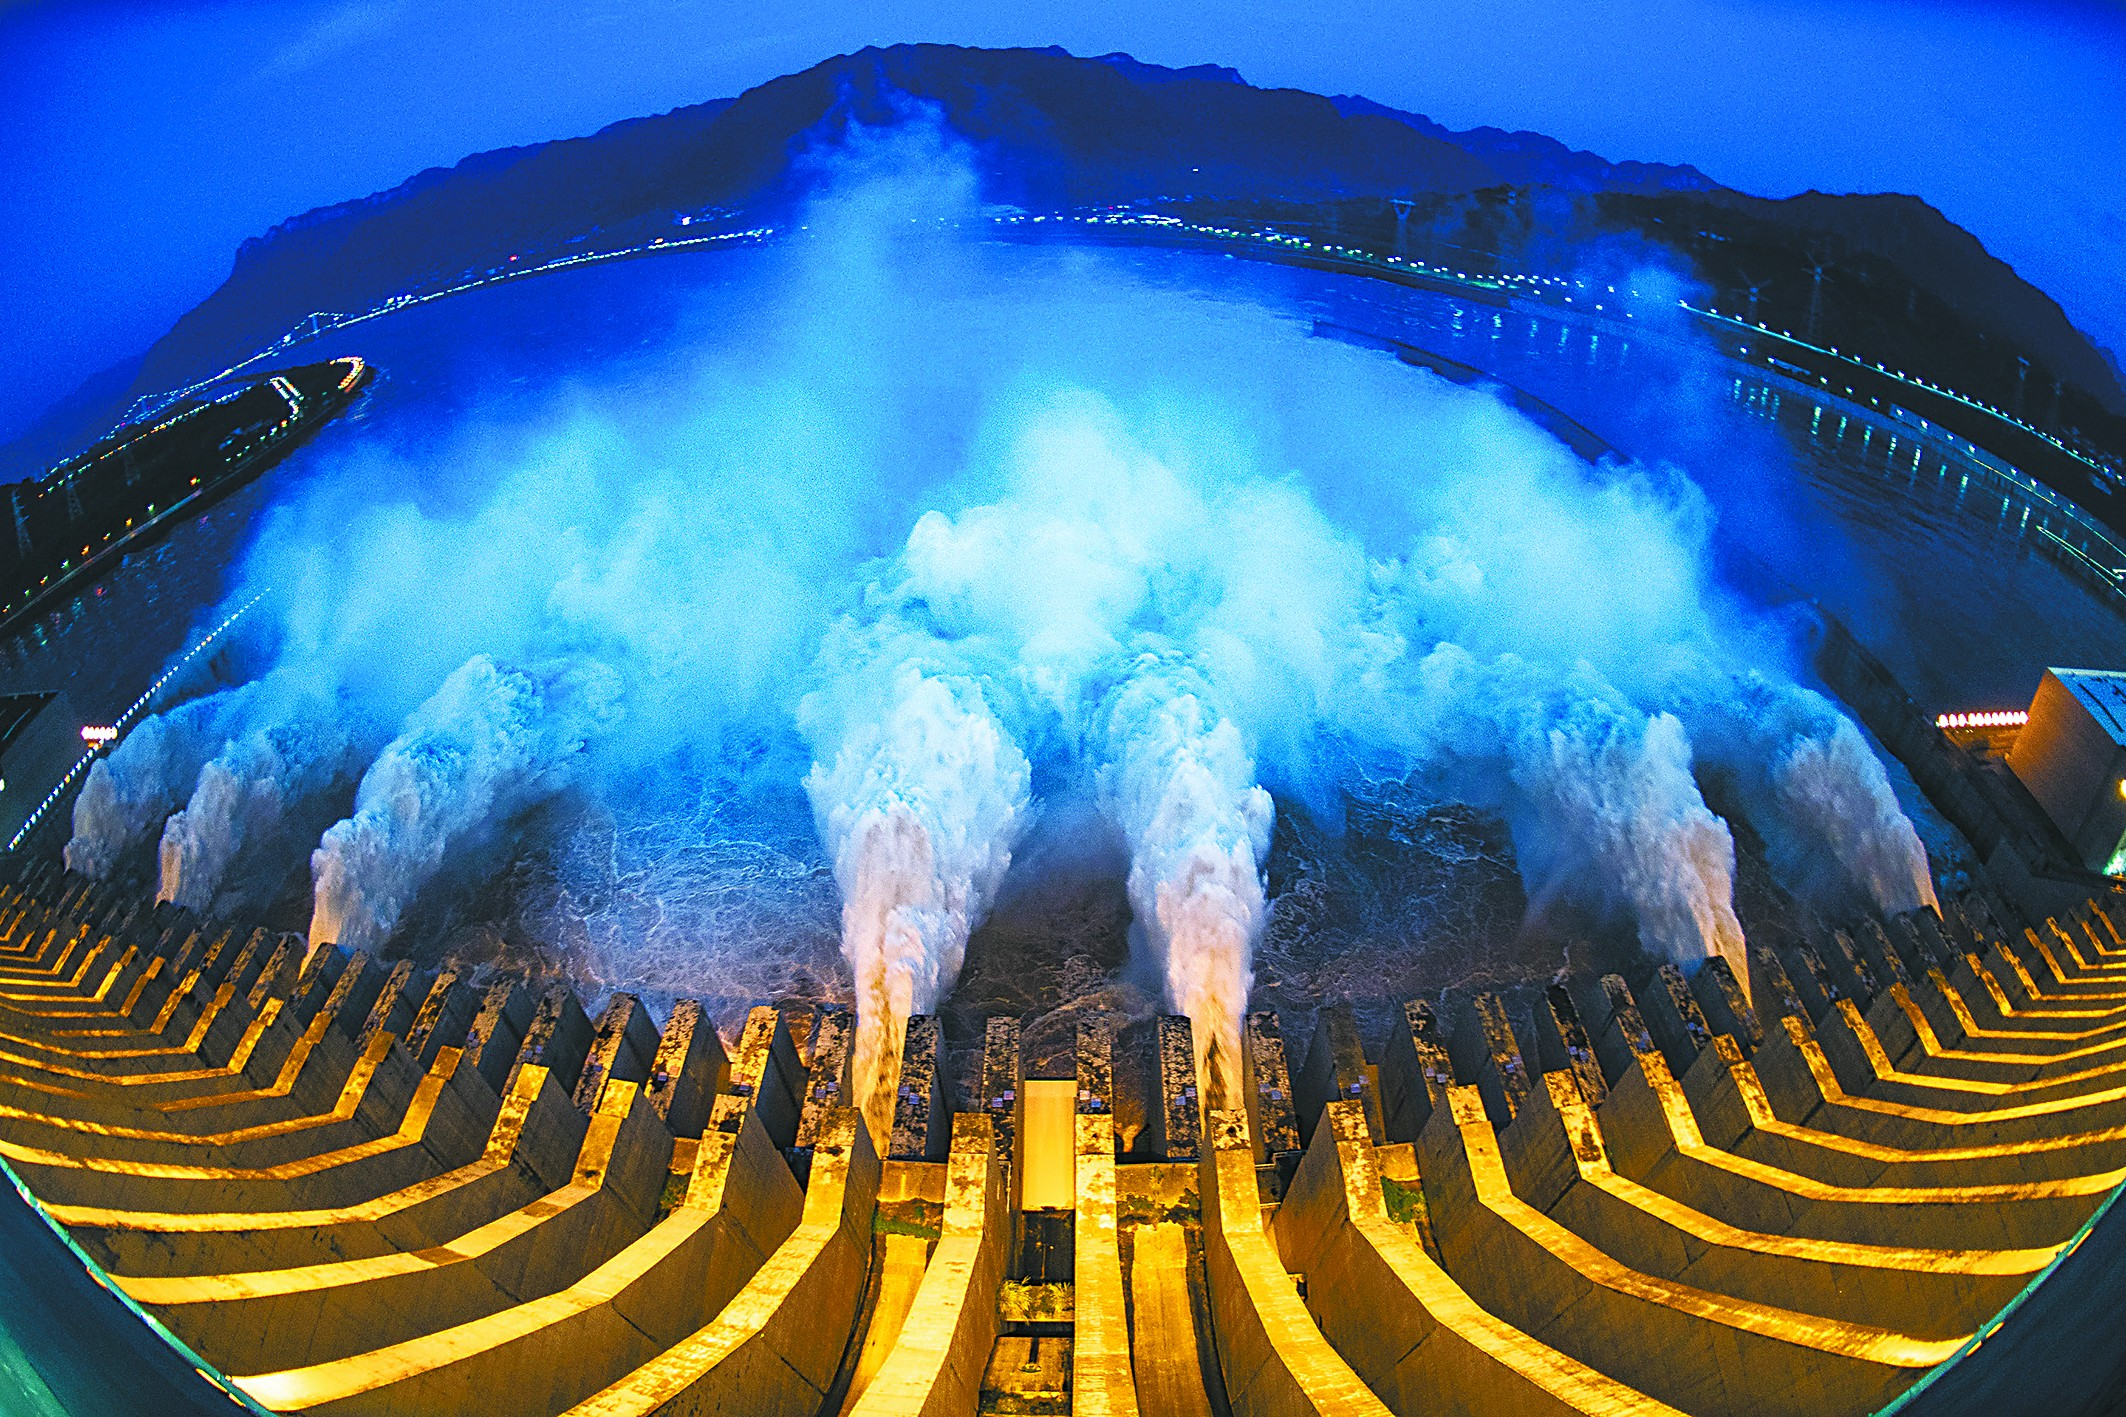 7月19日,三峡枢纽开启泄洪深孔泄洪。